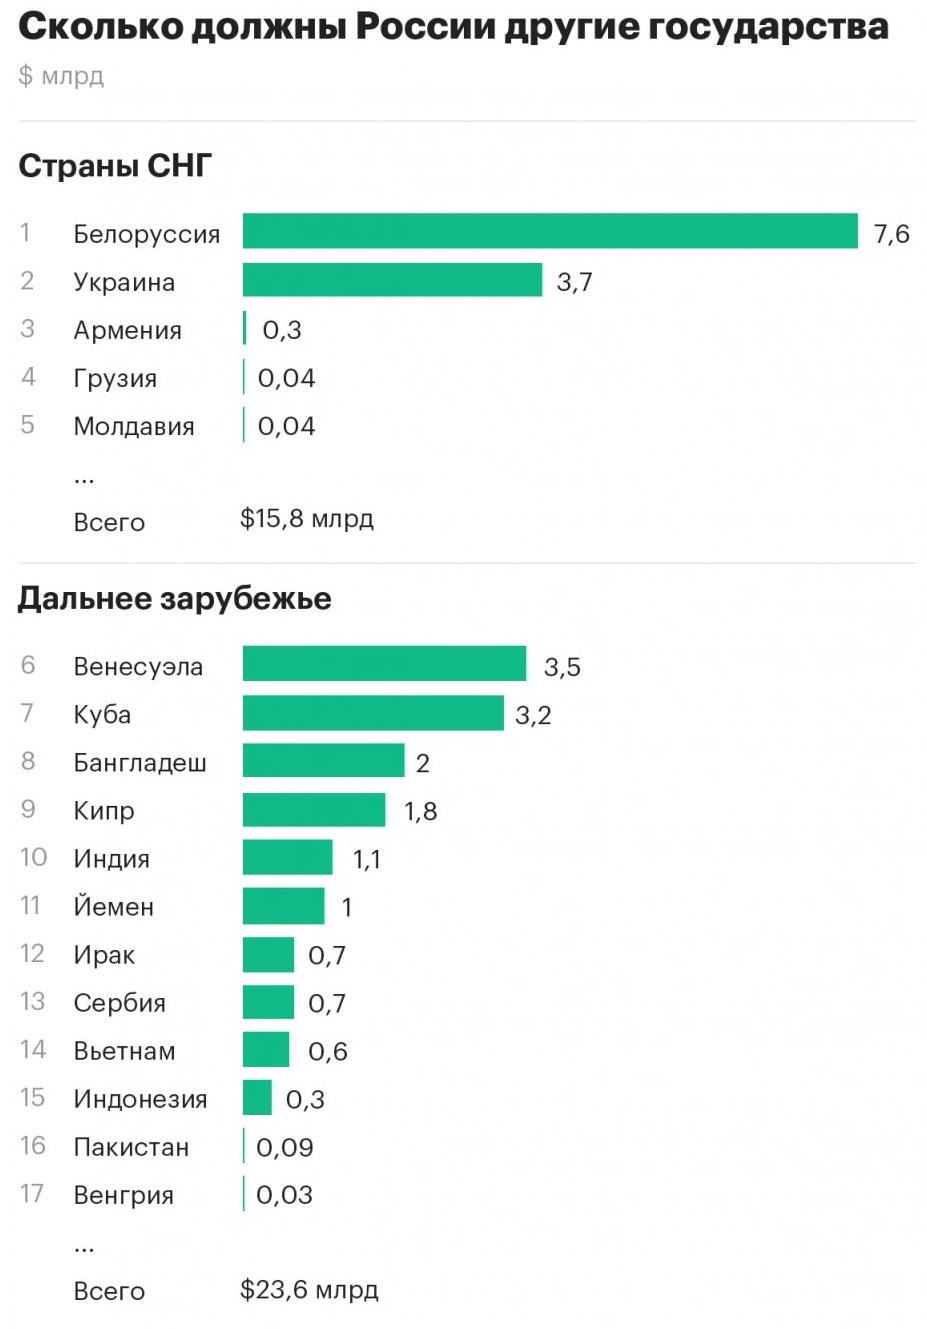 Рейтинг должников РФ